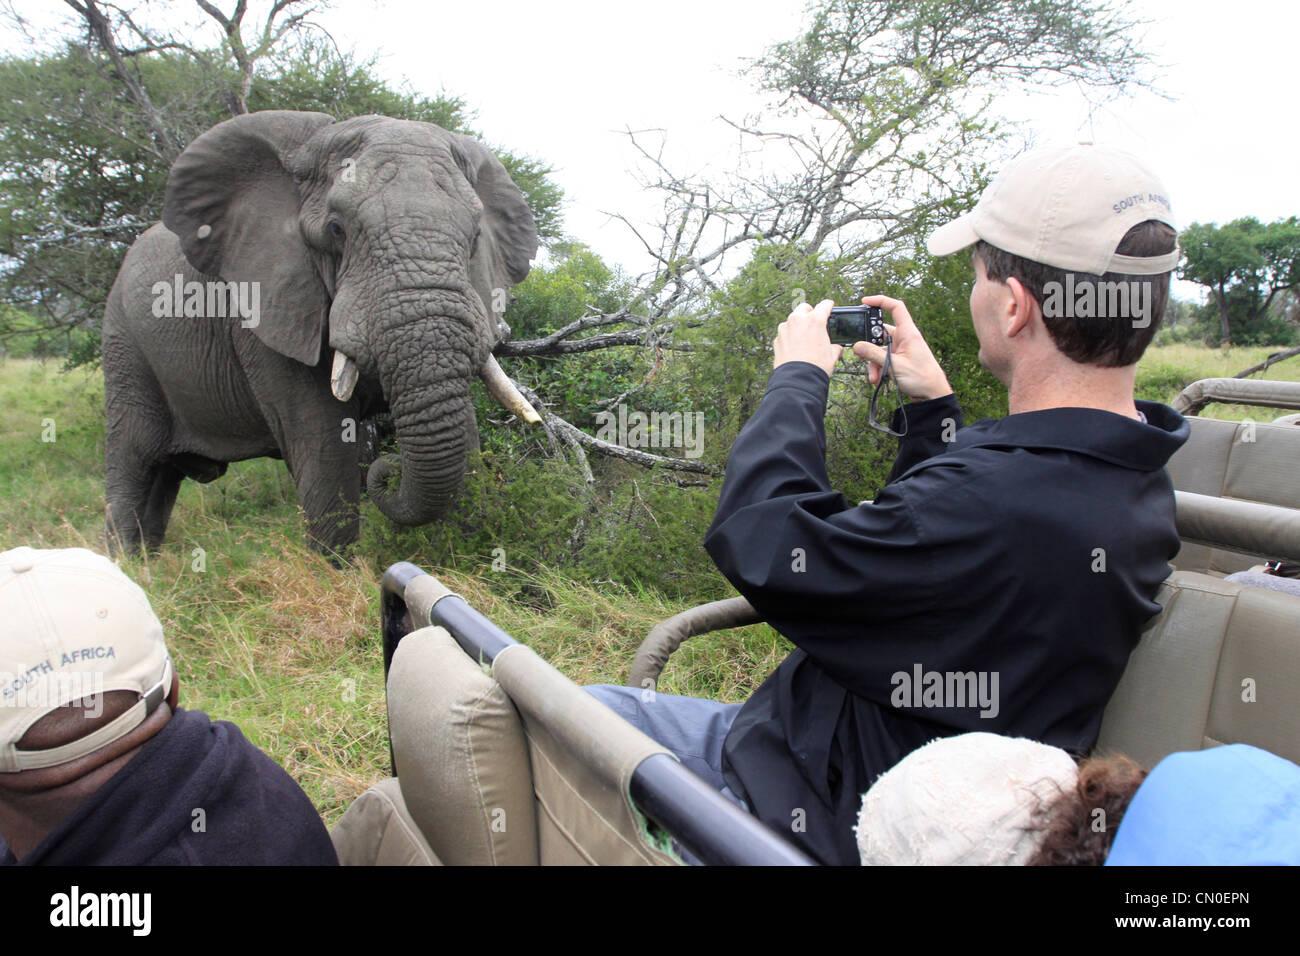 Un éléphant ressemble à l'appareil photo alors qu'un touriste prend une photo de lui. Les Photo Stock